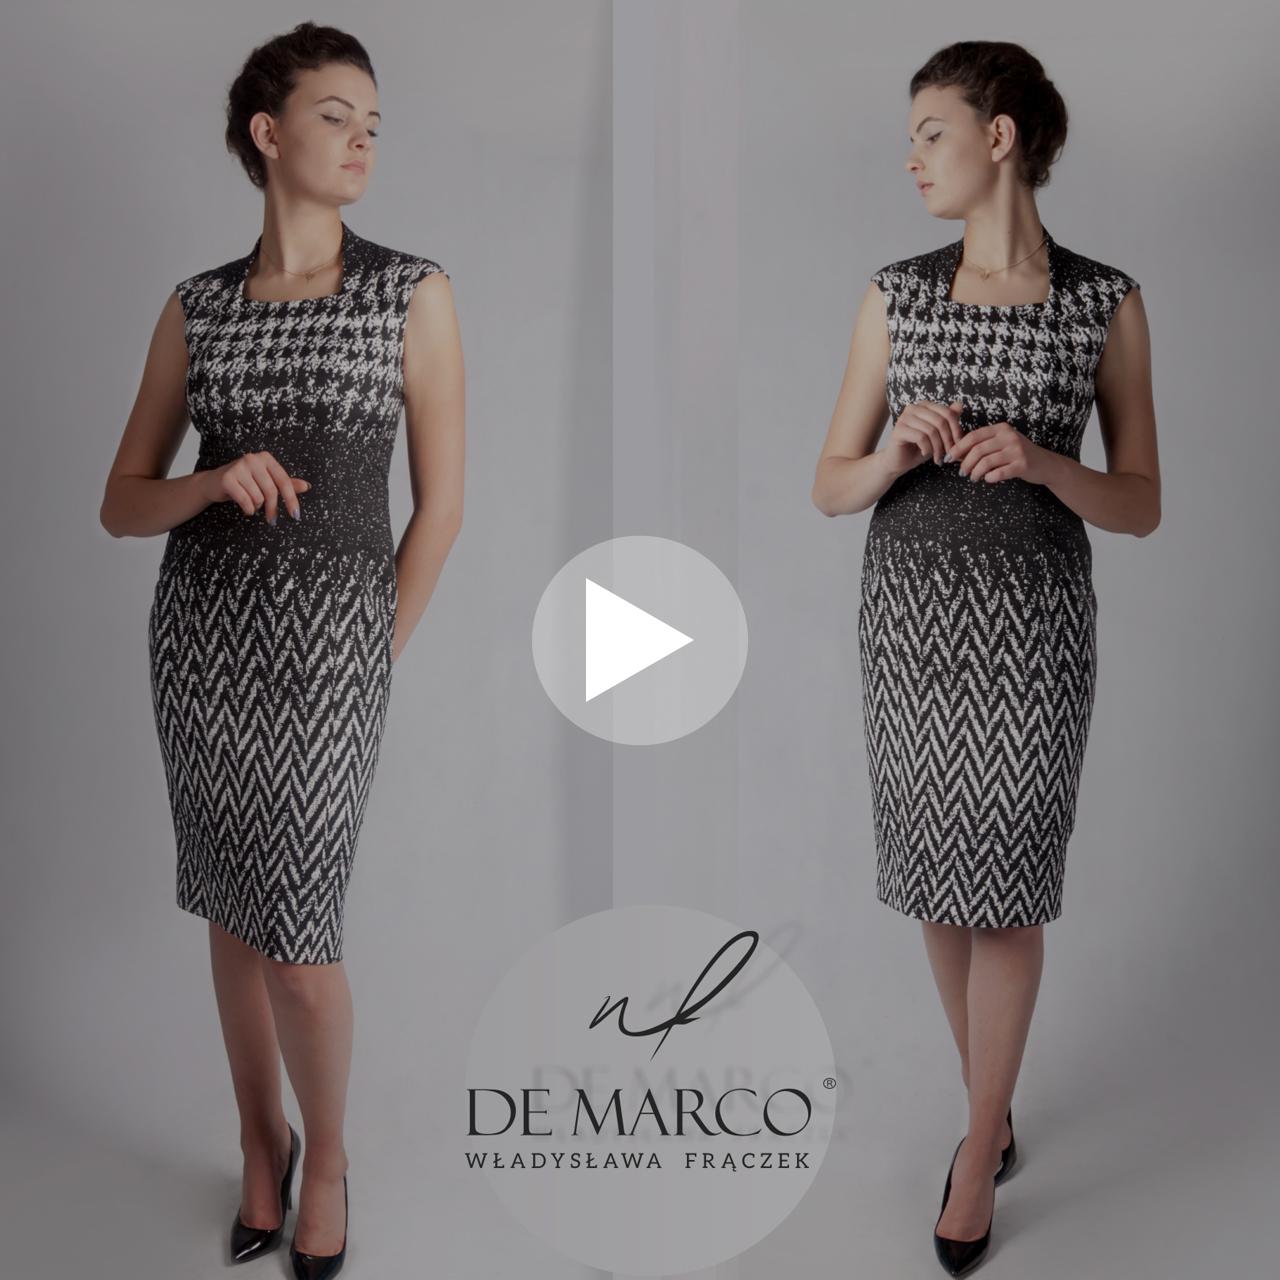 Czarno biała sukienka idealna na wizyty dyplomatyczne, wernisaże, kameralne uroczystości firmowe i rodzinne oraz do pracy. Szalenie wygodna i elegancka sukienka z De Marco.